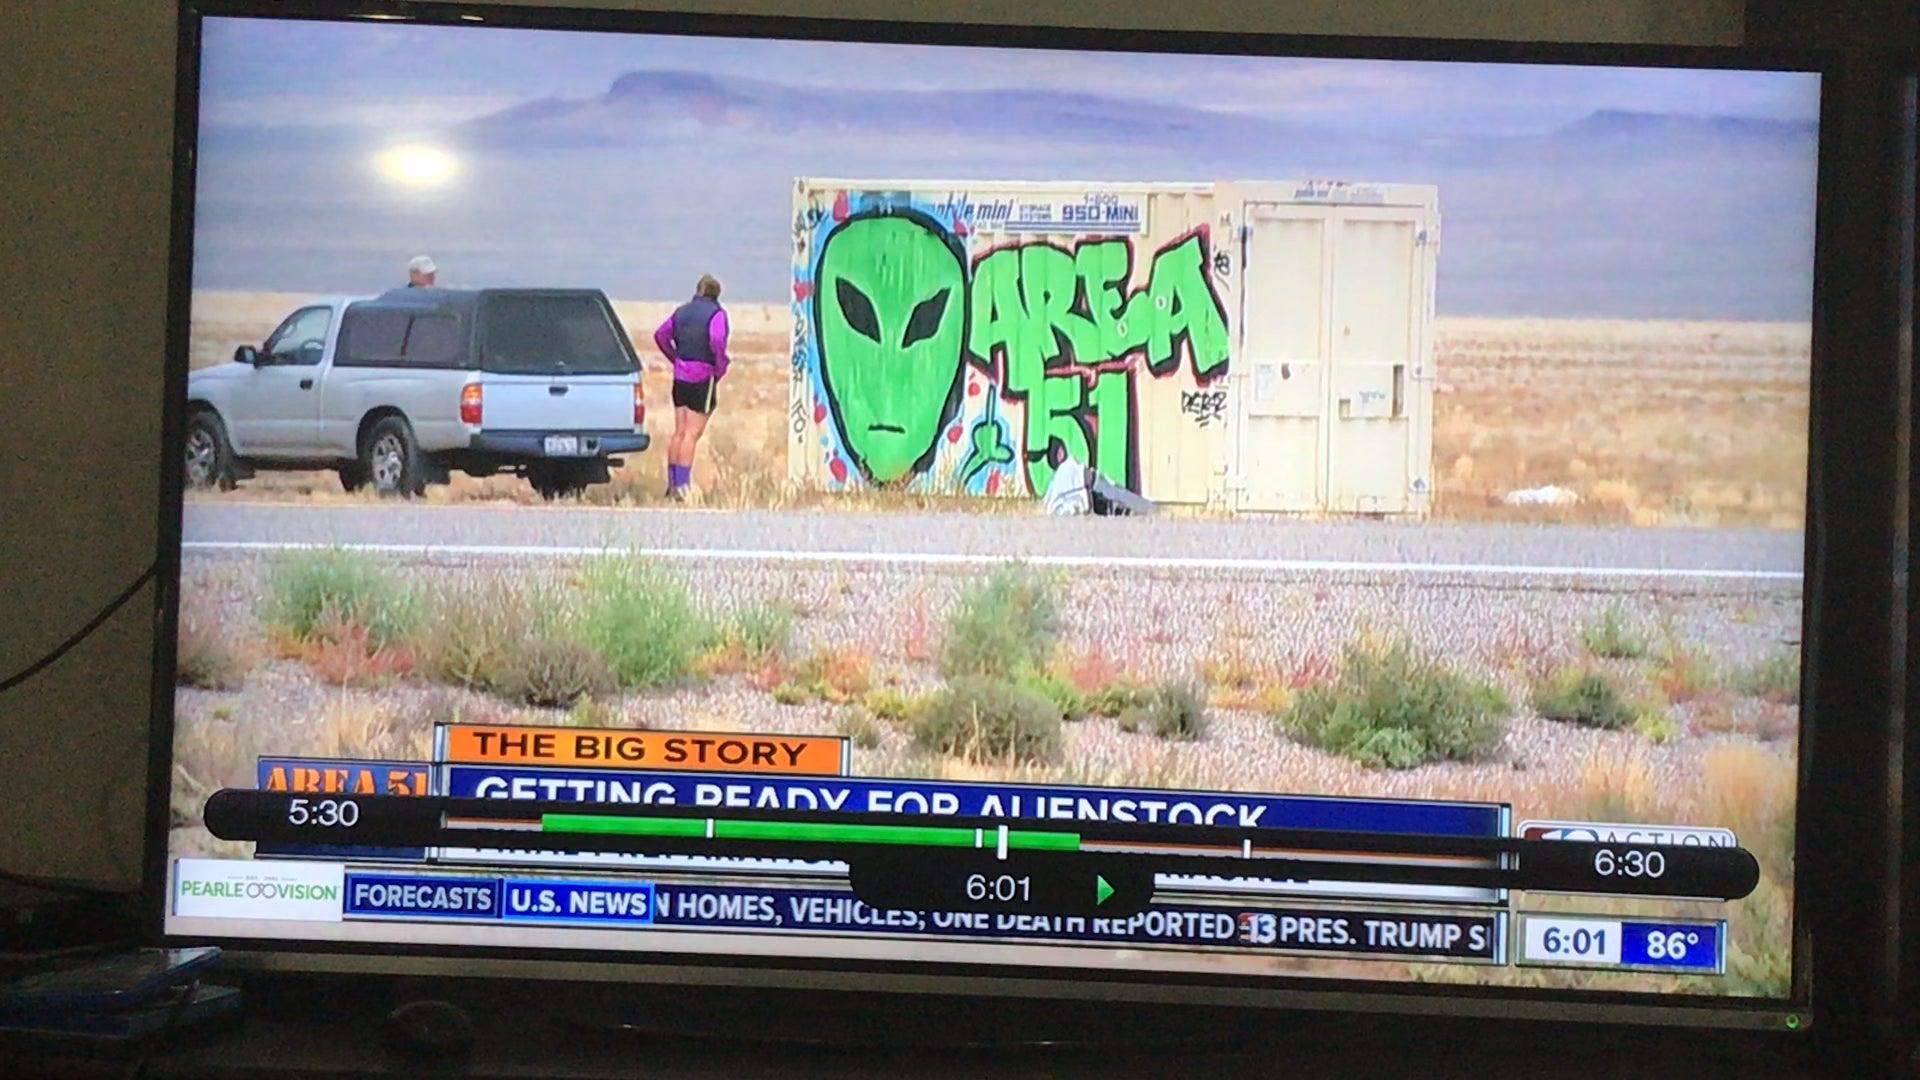 Просто увидел это из местных новостей...